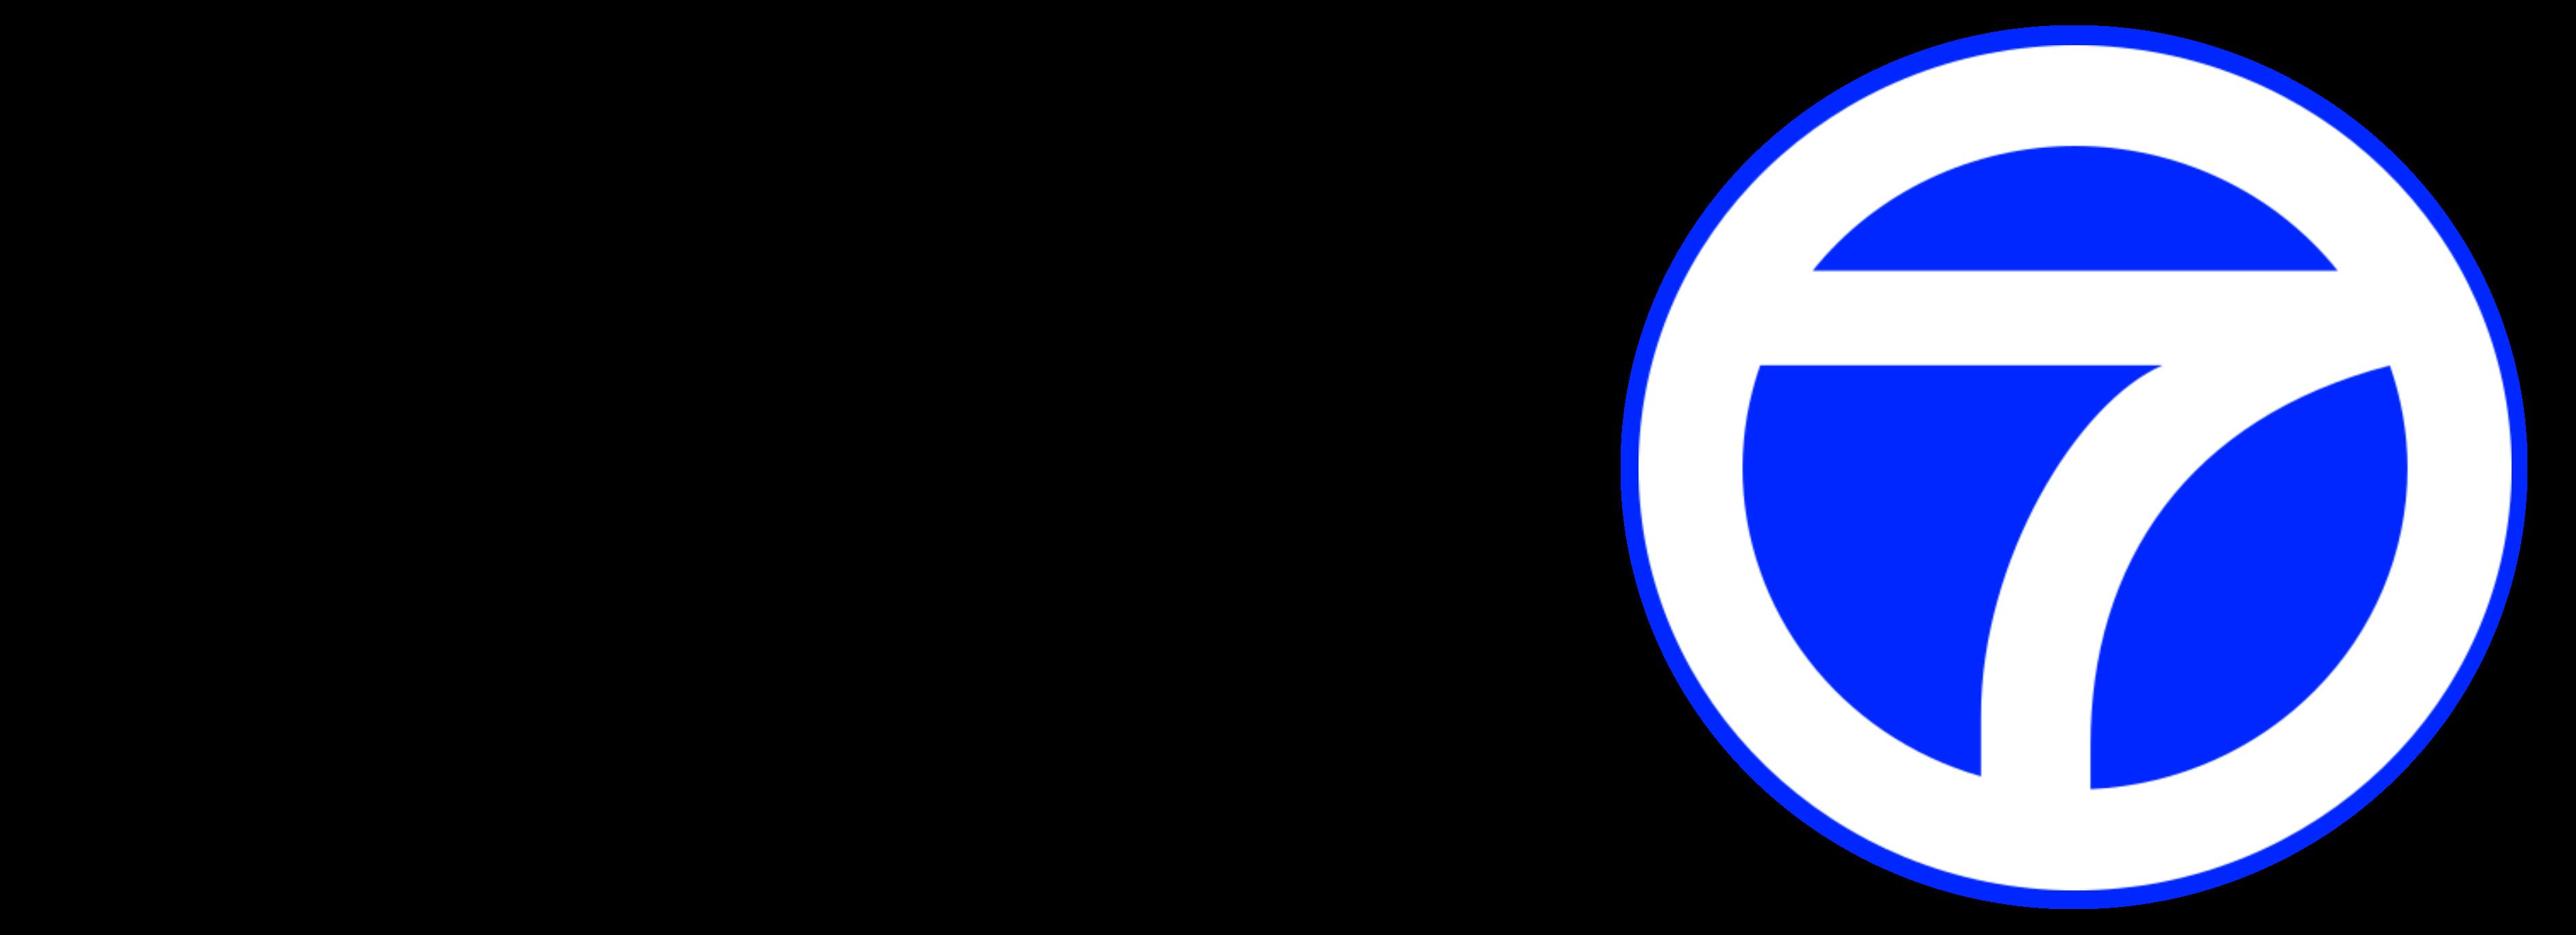 AlternateHistory.com's KABC logo #1.png